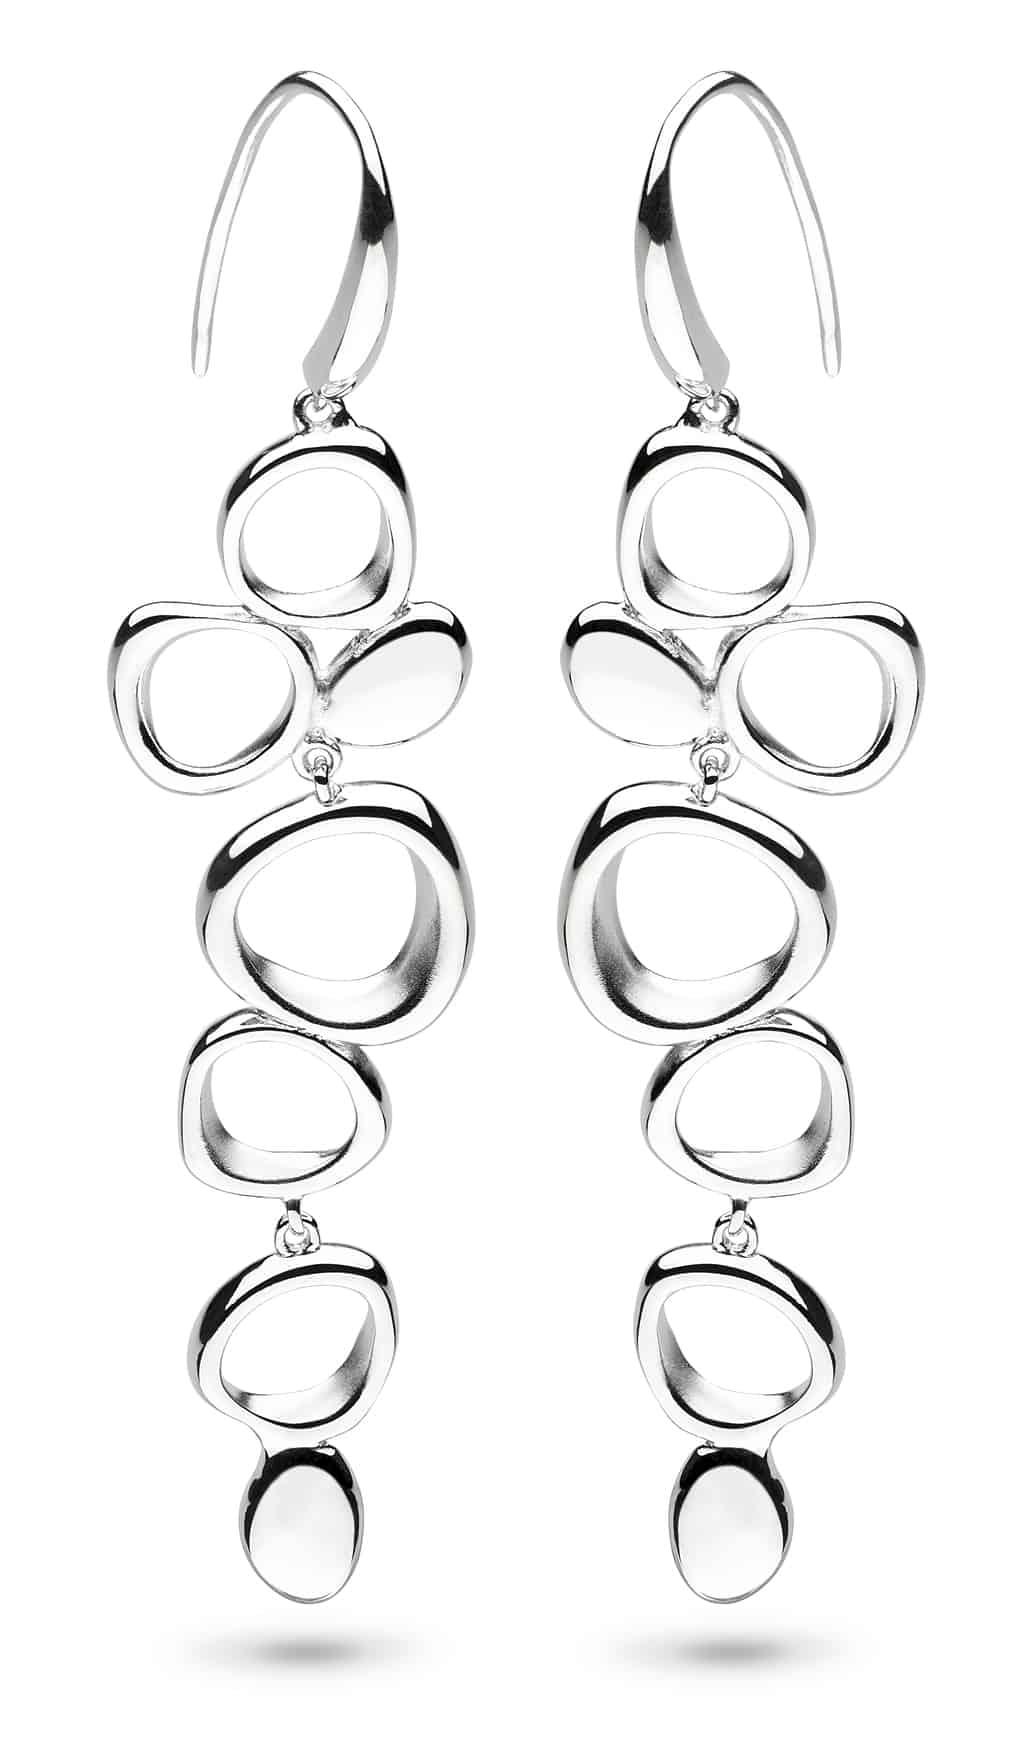 9e0f565d0 KIT HEATH SHORE LONG DROP EARRINGS SILVER | Belmont Jewellery